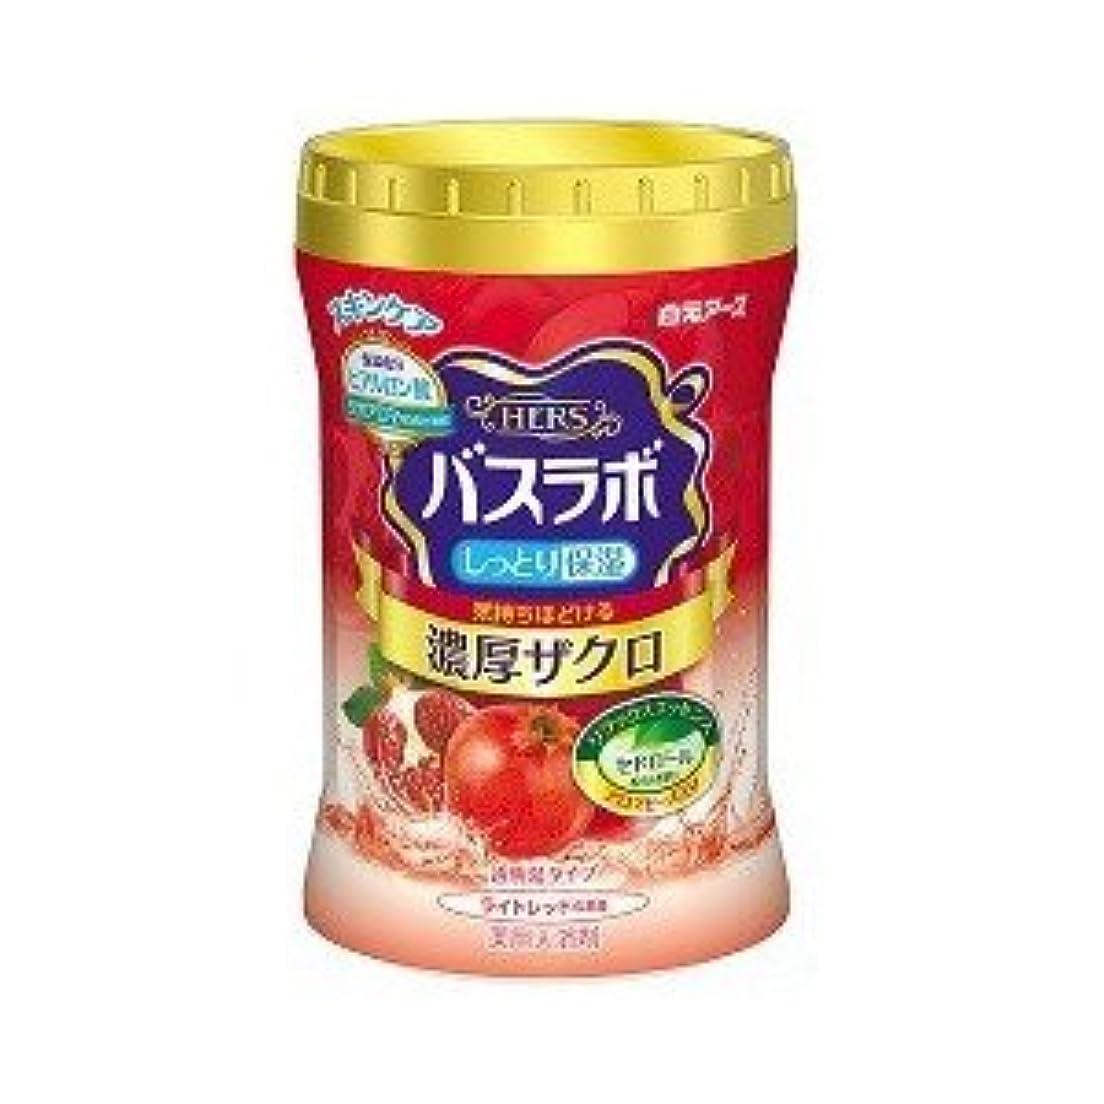 悲しい厚くする縁石【佐藤製薬】パスタロンクリームL 60g(医薬部外品)